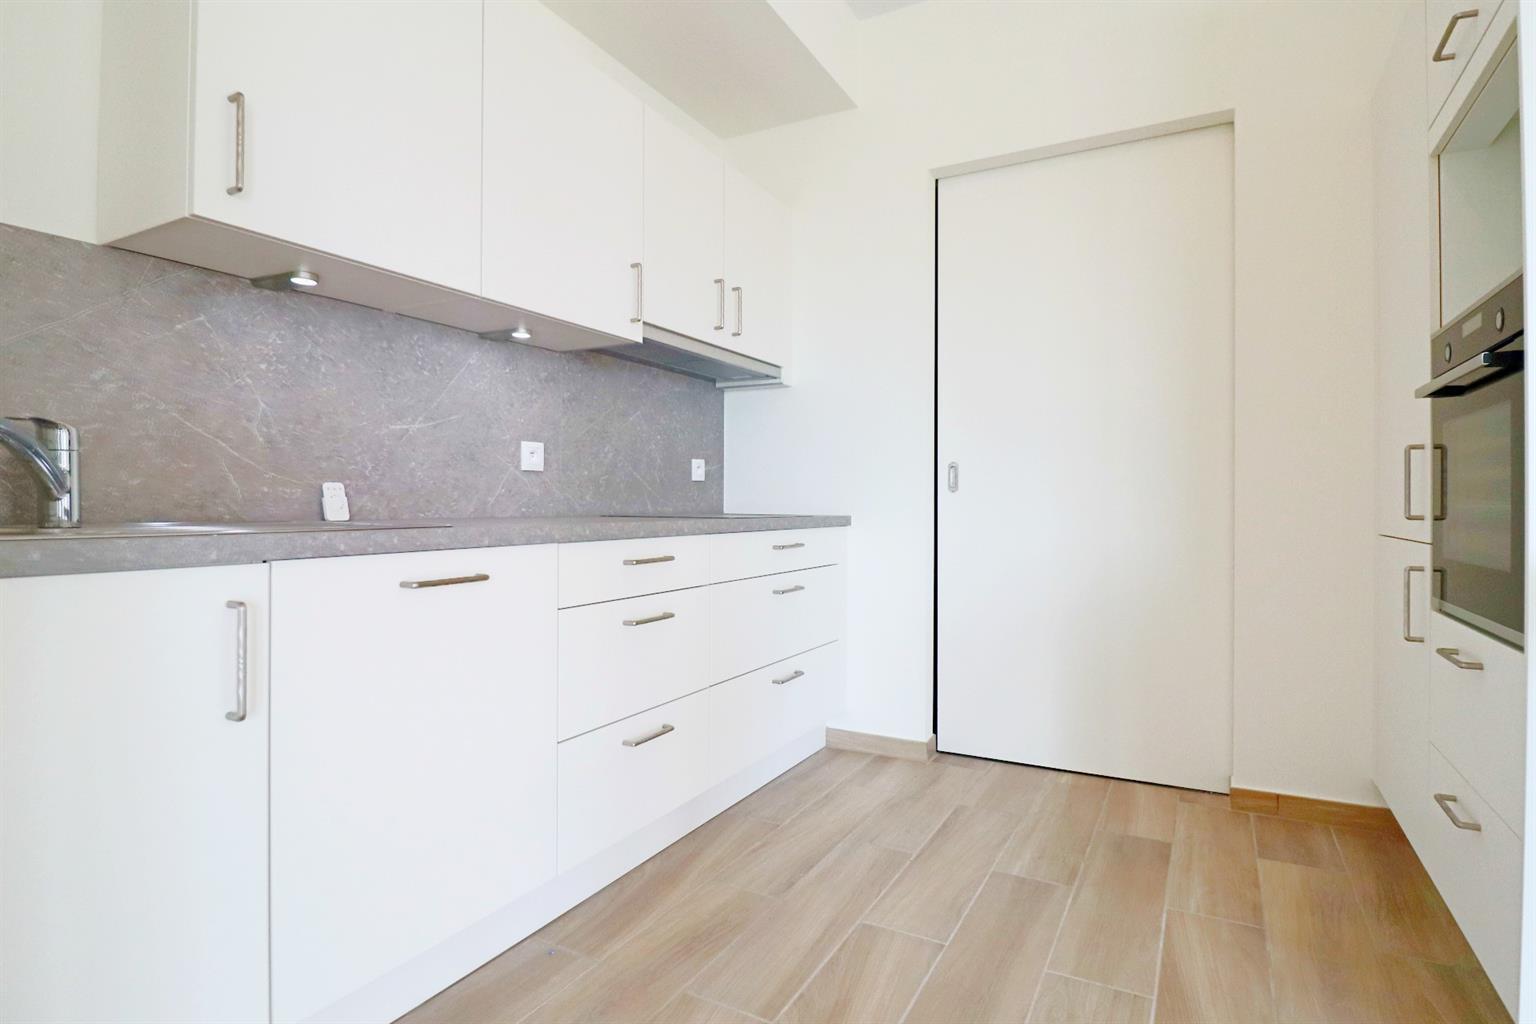 Appartement - Ottignies-Louvain-la-Neuve - #4406866-4